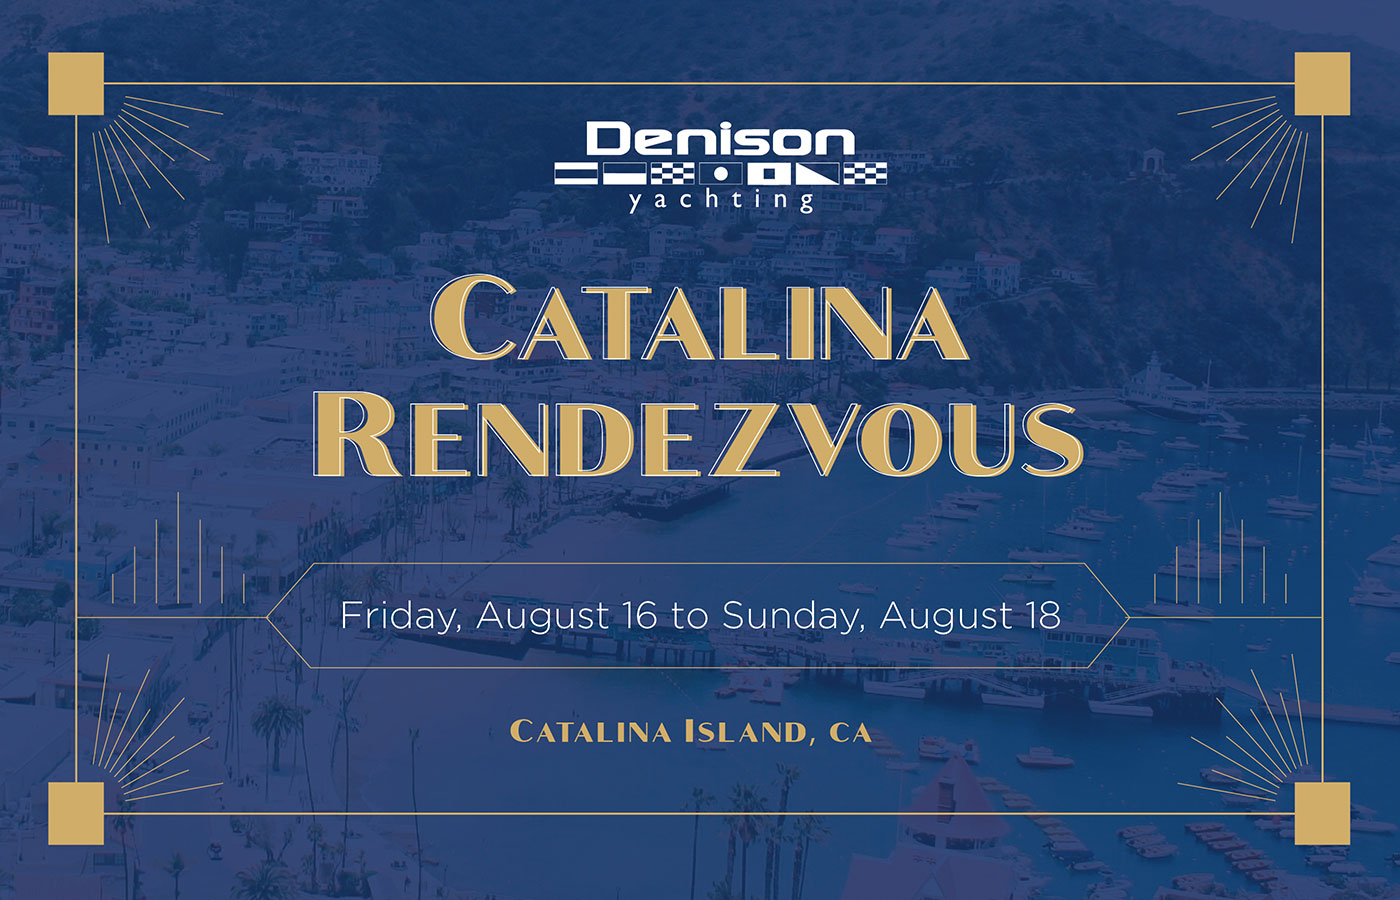 Catalina Rendezvous 2019 [Hollywood Getaway]